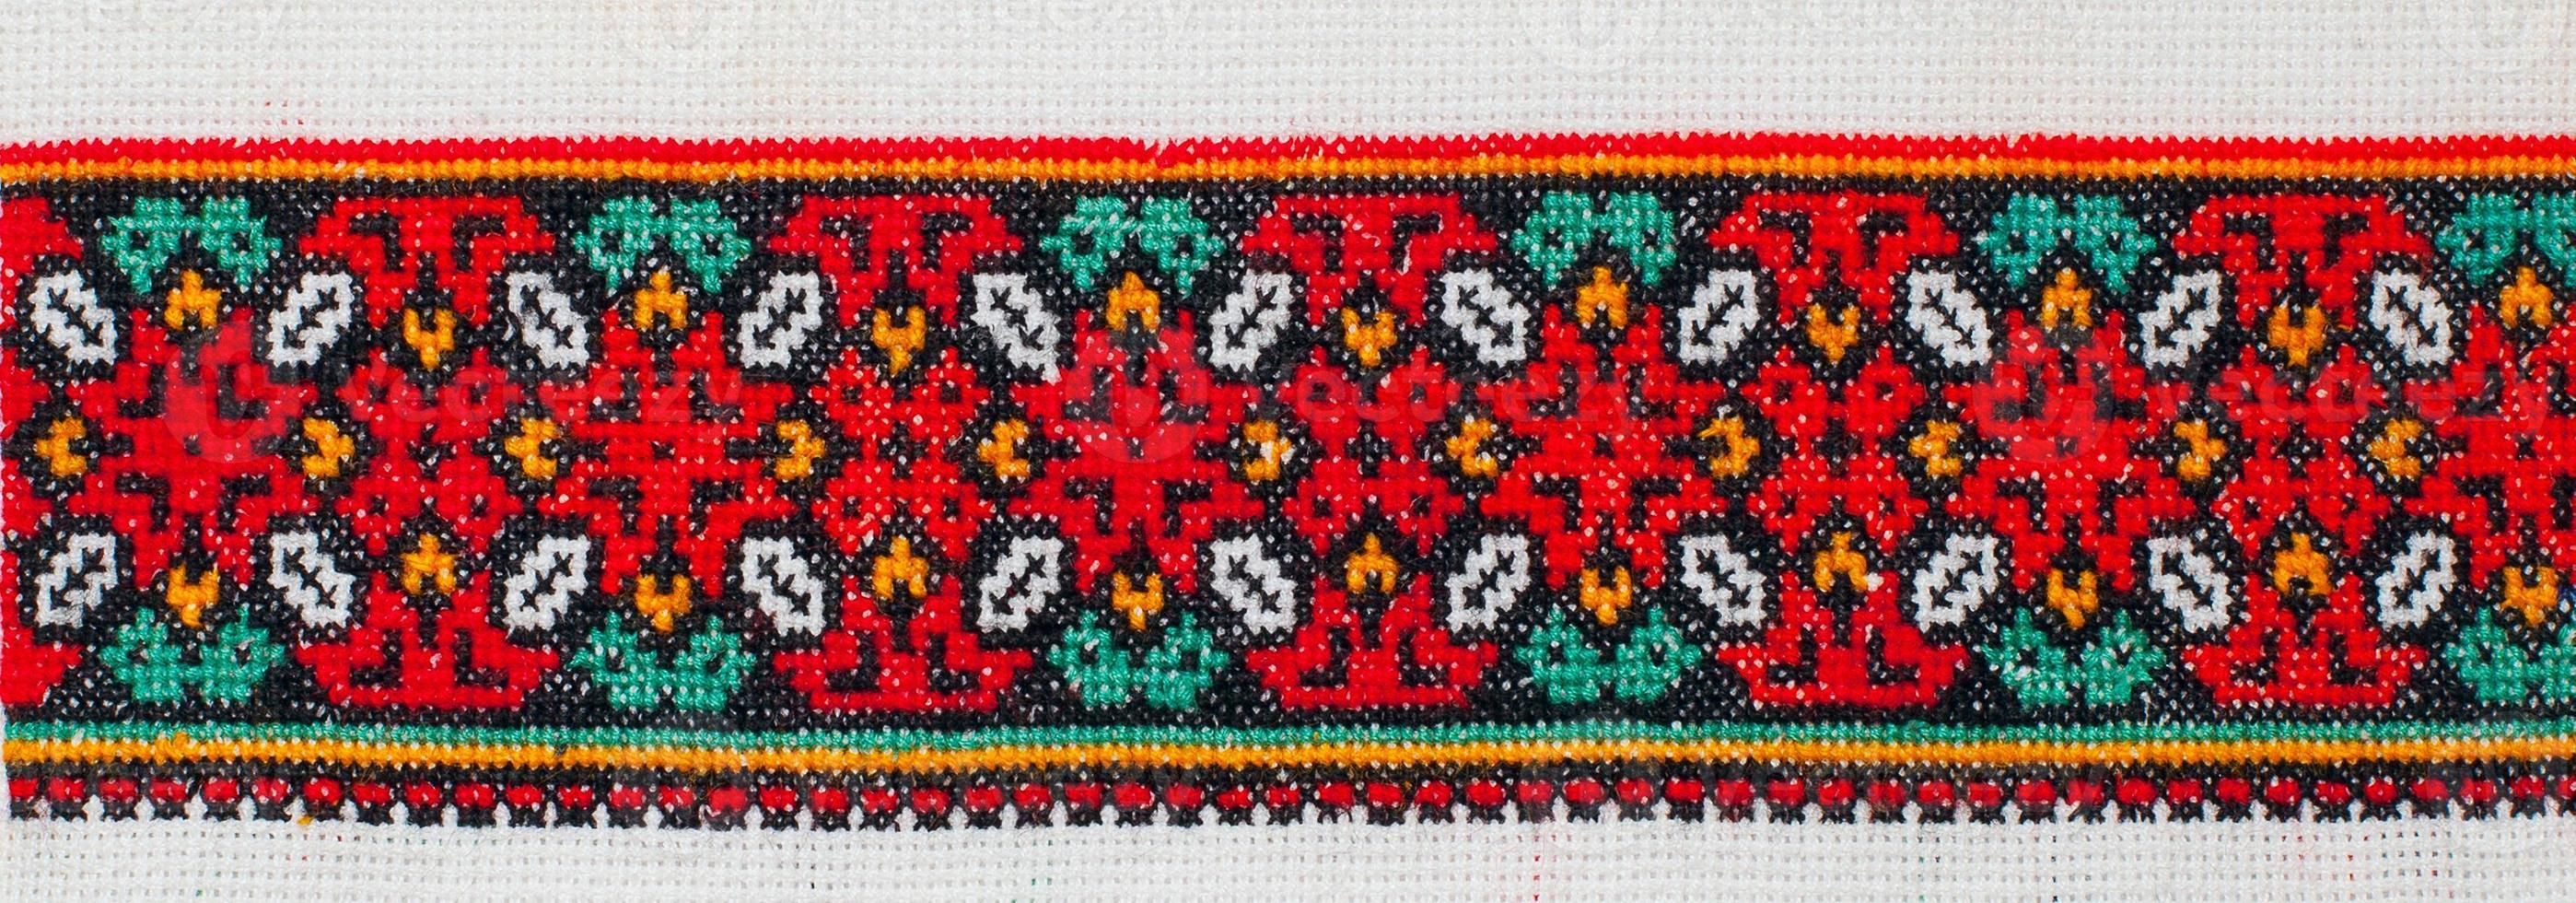 gesticktes Kreuzstichmuster. ukrainische ethnische Verzierung foto